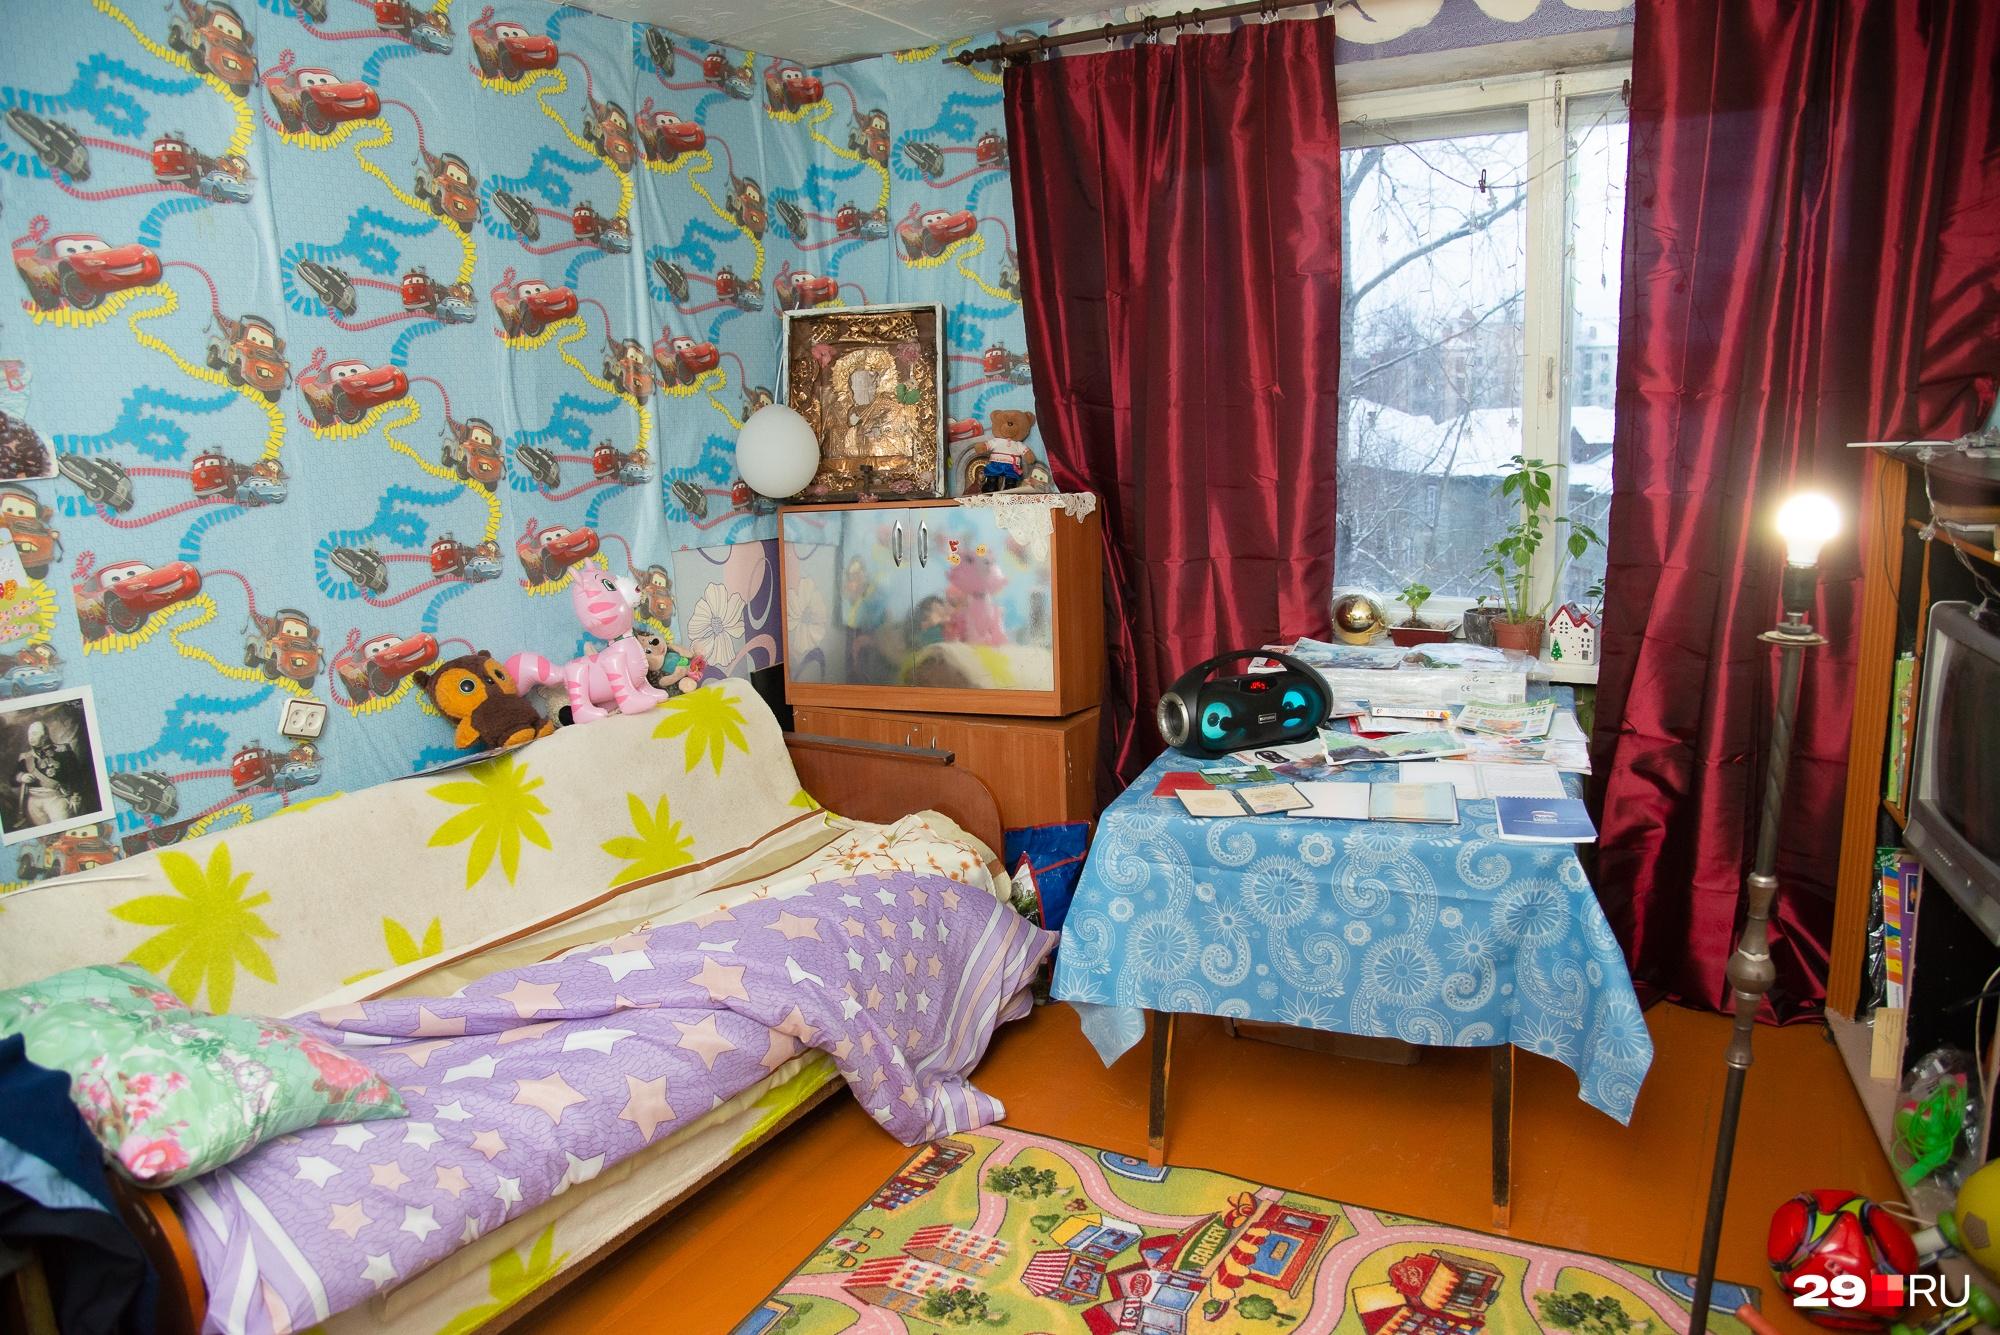 Комната из бабушкиной превратилась в детскую